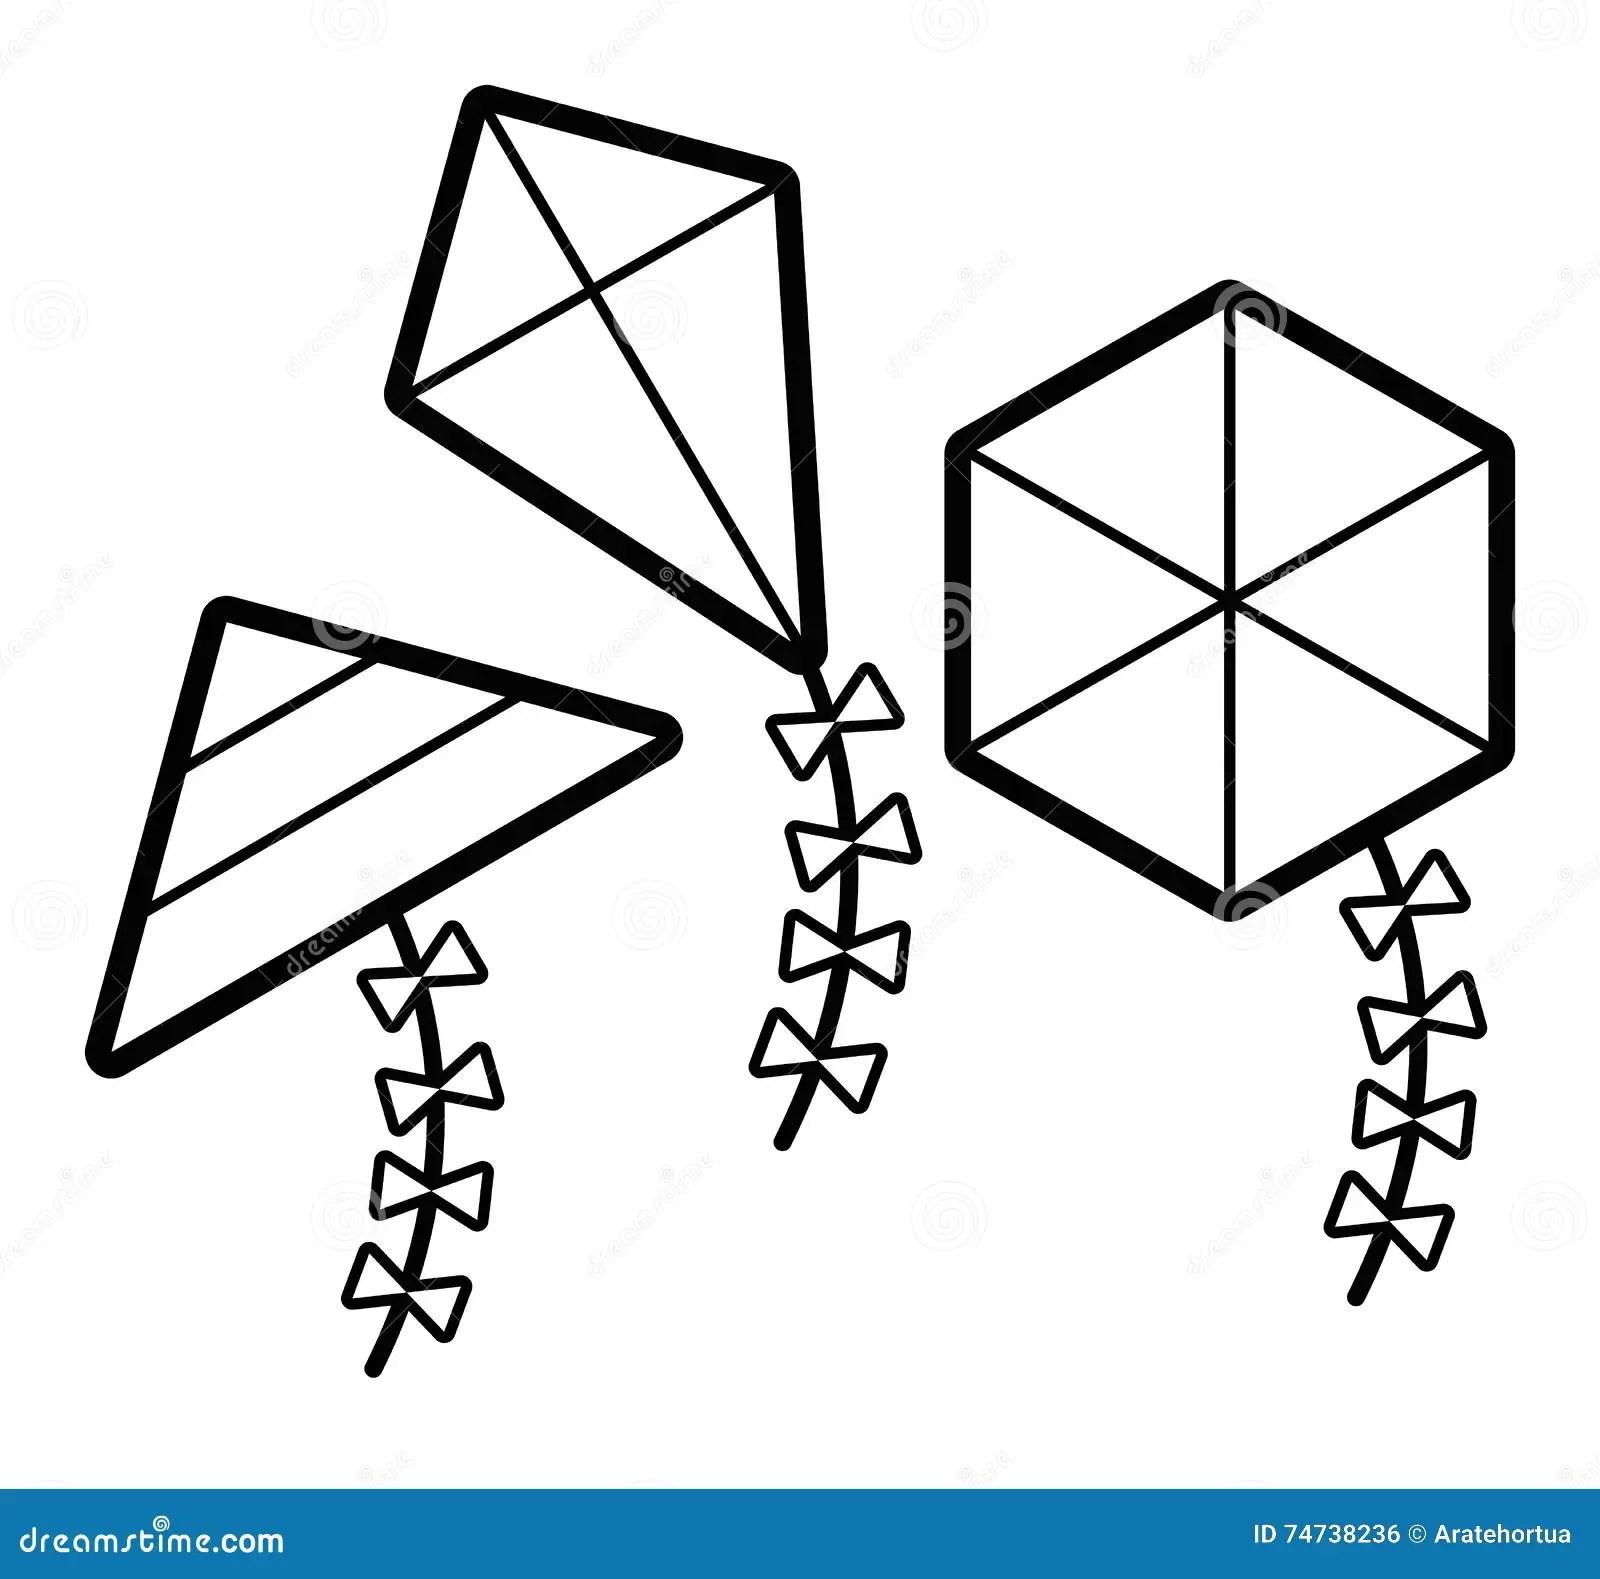 Worksheet 6 6 Kites